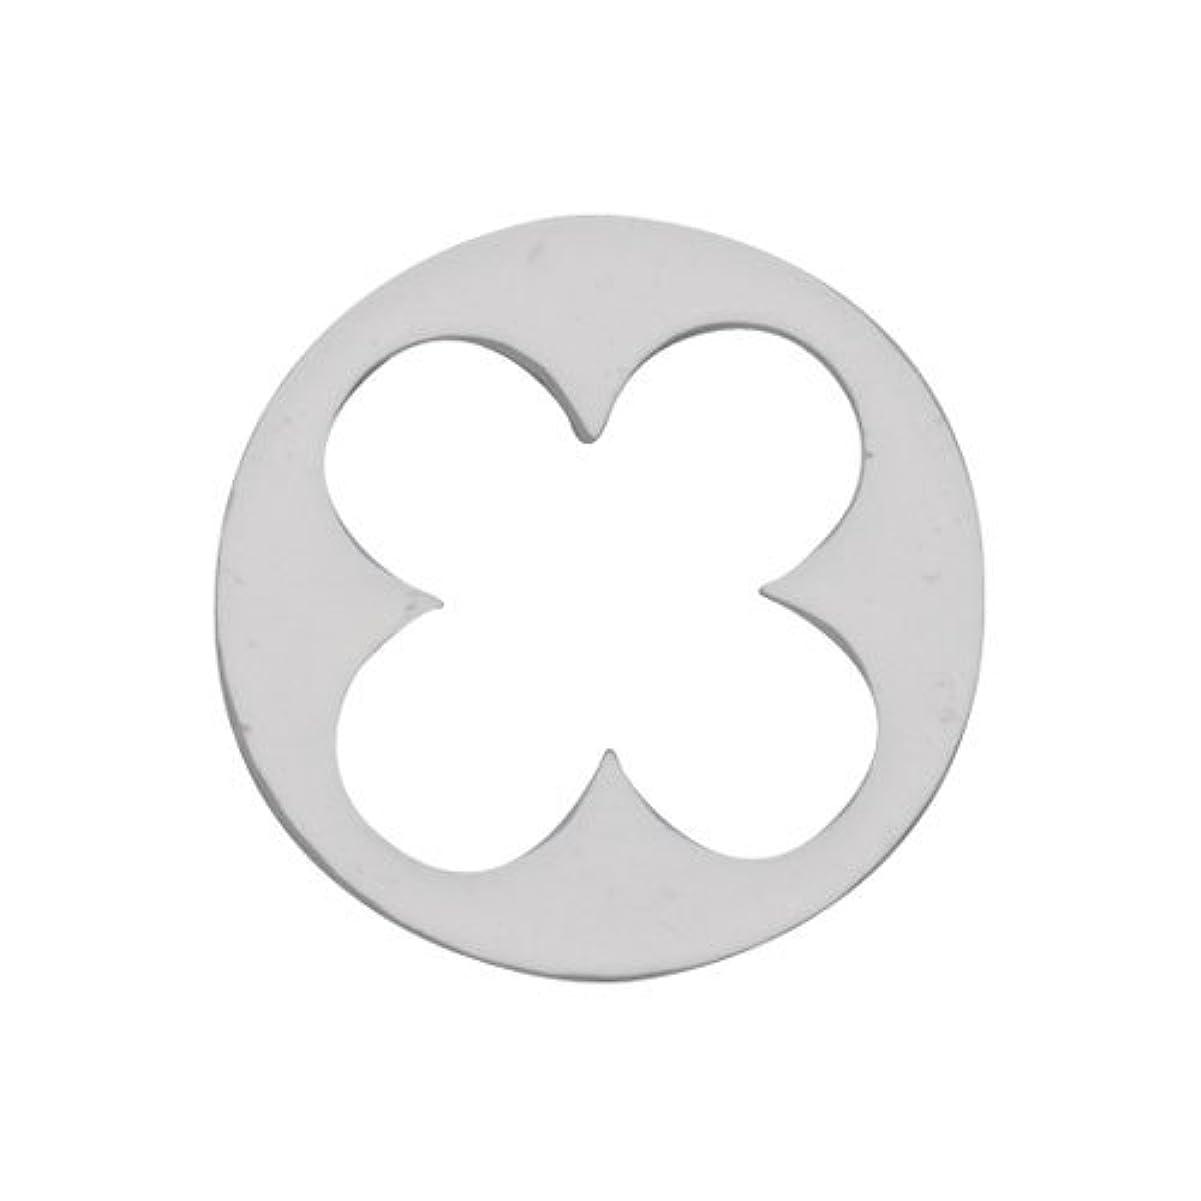 満足させる郡高揚したリトルプリティー ネイルアートパーツ 丸花スカシ シルバー 10個